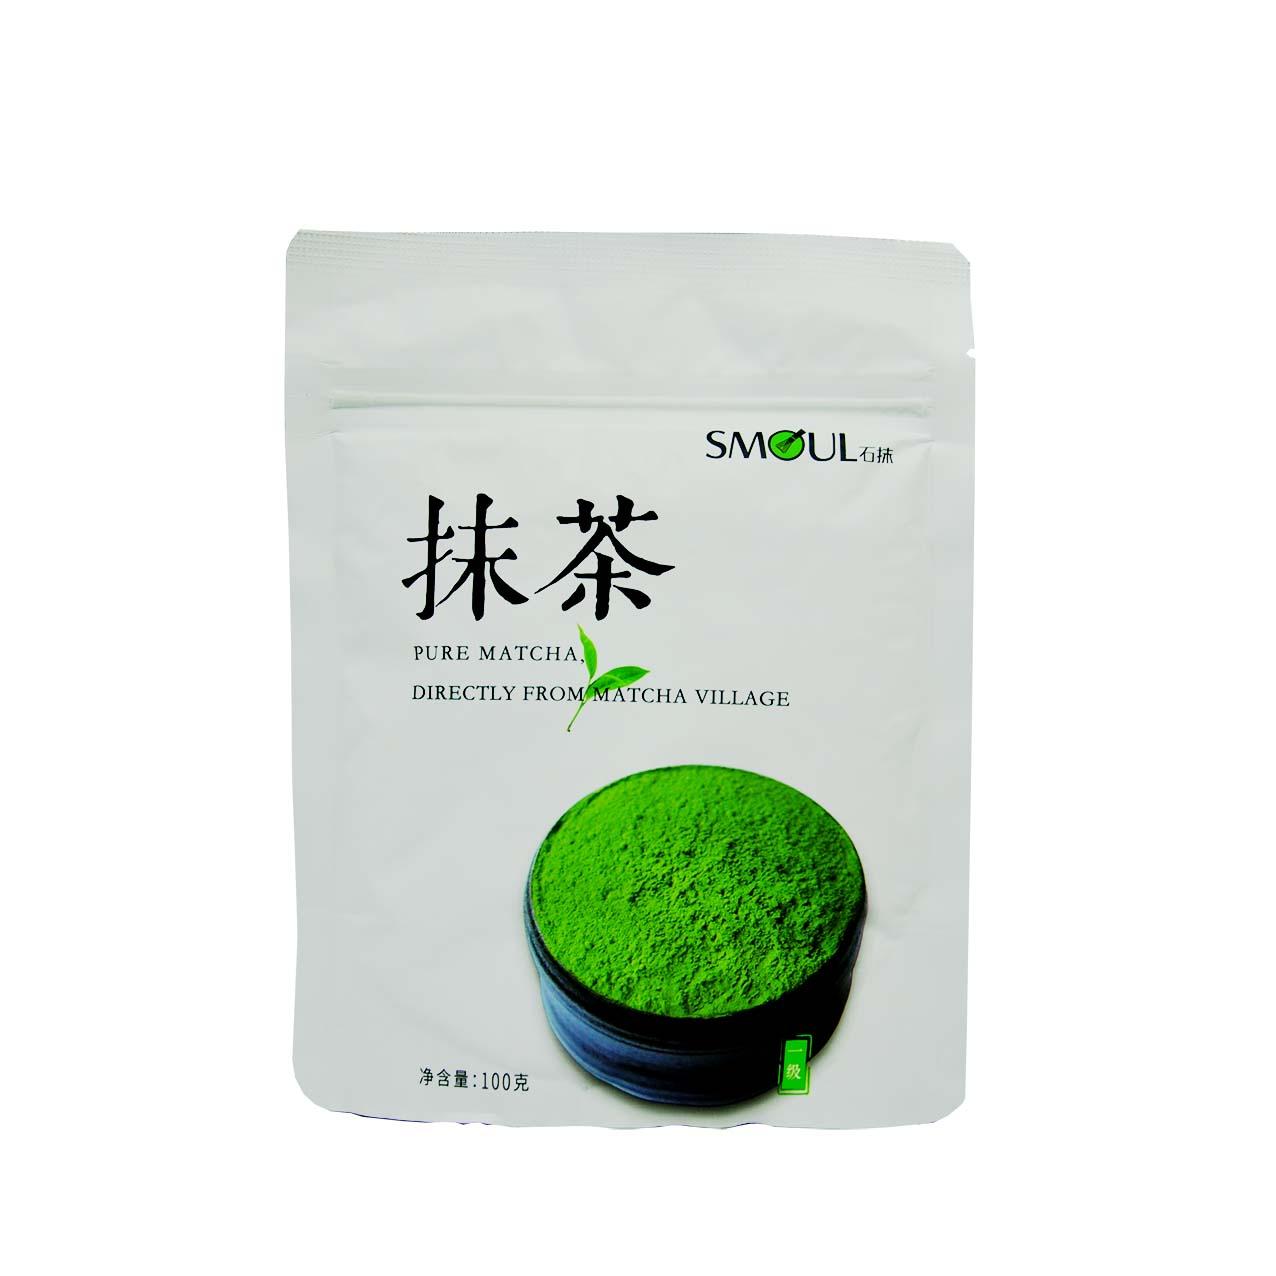 چای ماچا – matcha tea